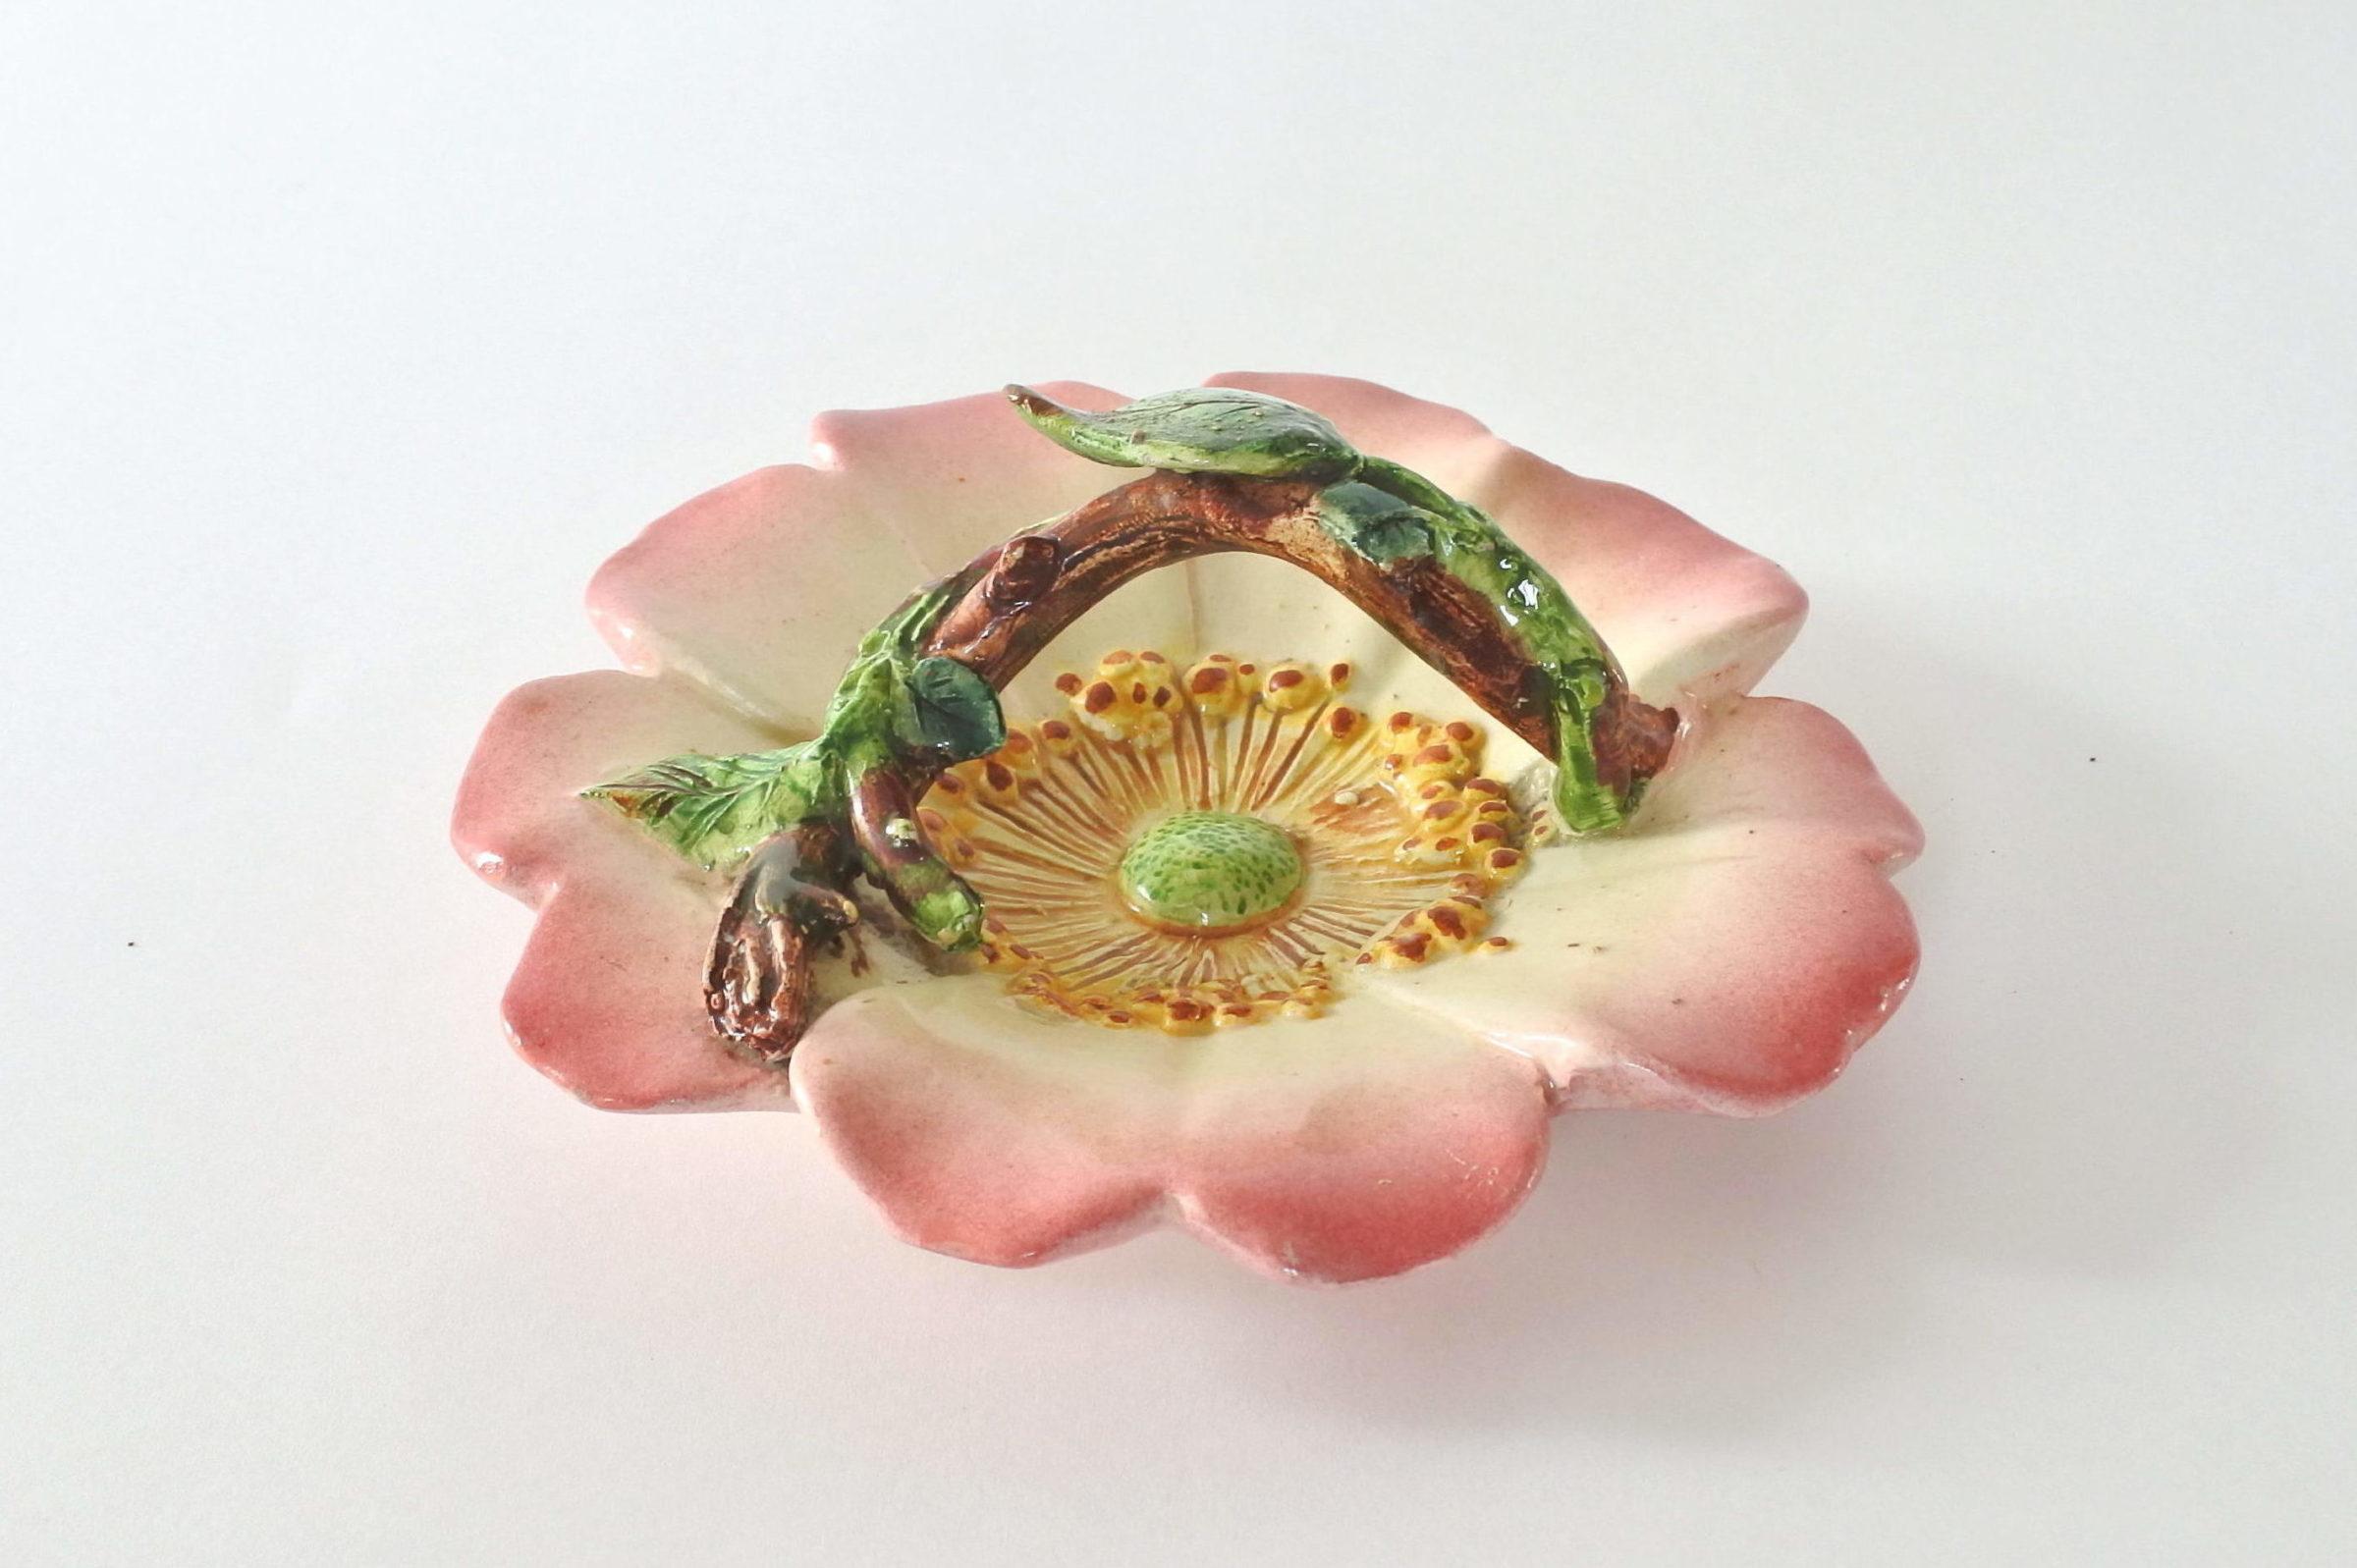 Cestino in ceramica barbotine a forma di rosa canina - Delphin Massier - 5